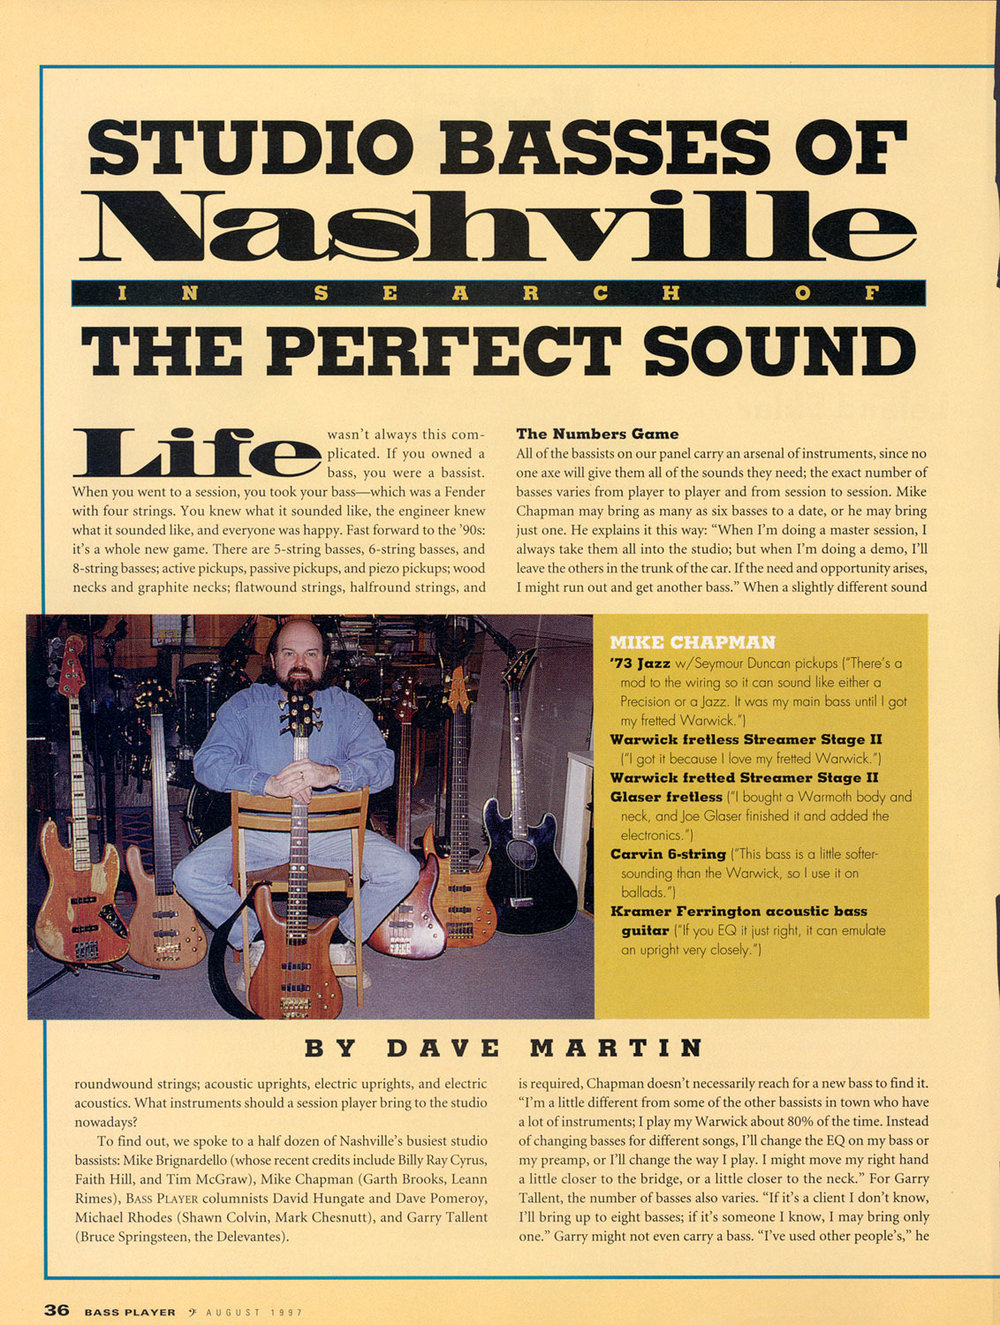 1997 Bass Player